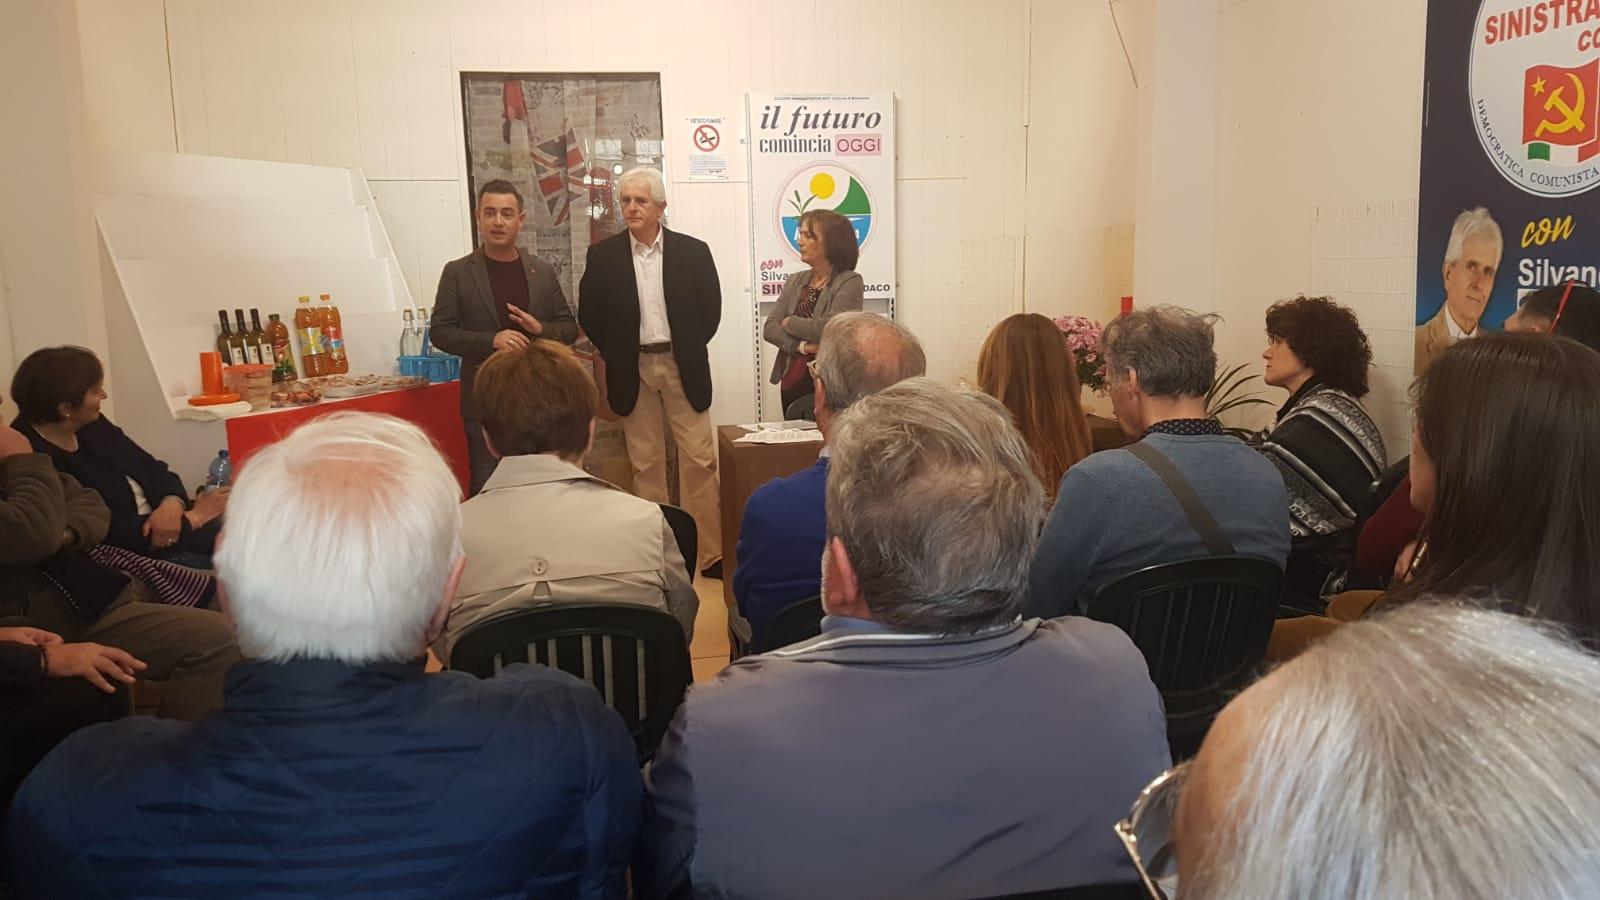 Inaugurato a Stiava il secondo comitato elettorale di Silvano Simonetti sindaco